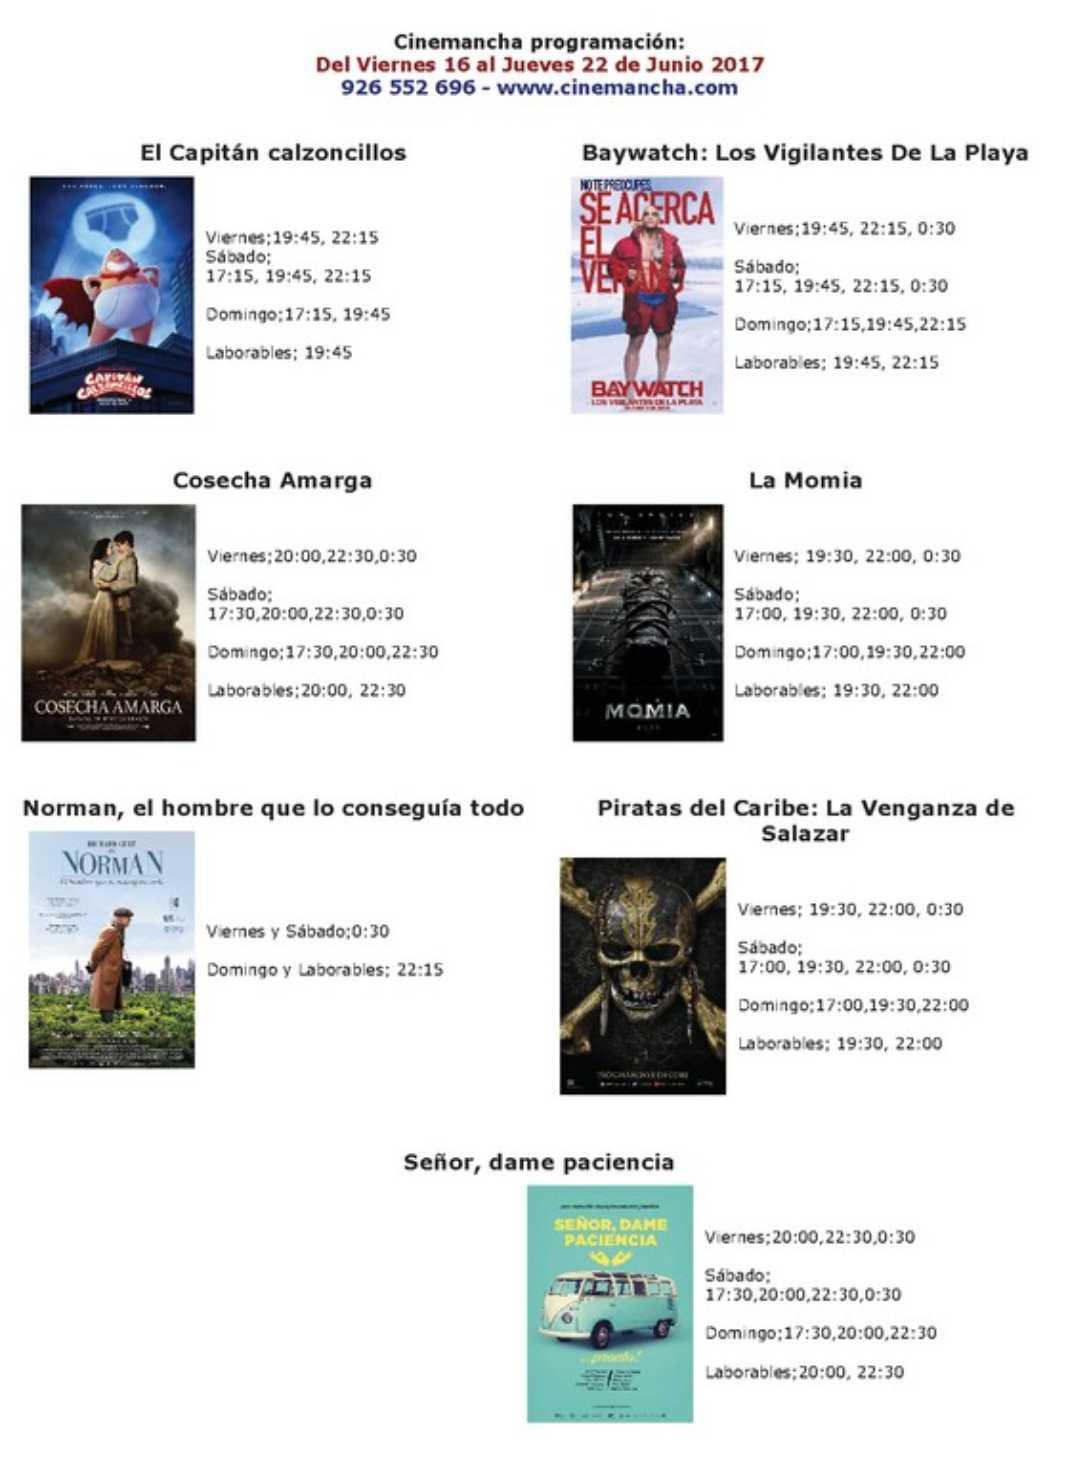 cartelera de cinemancha del 16 al 22 de junio 1068x1467 - Cartelera Cinemancha del viernes 16 al jueves 22 de junio.